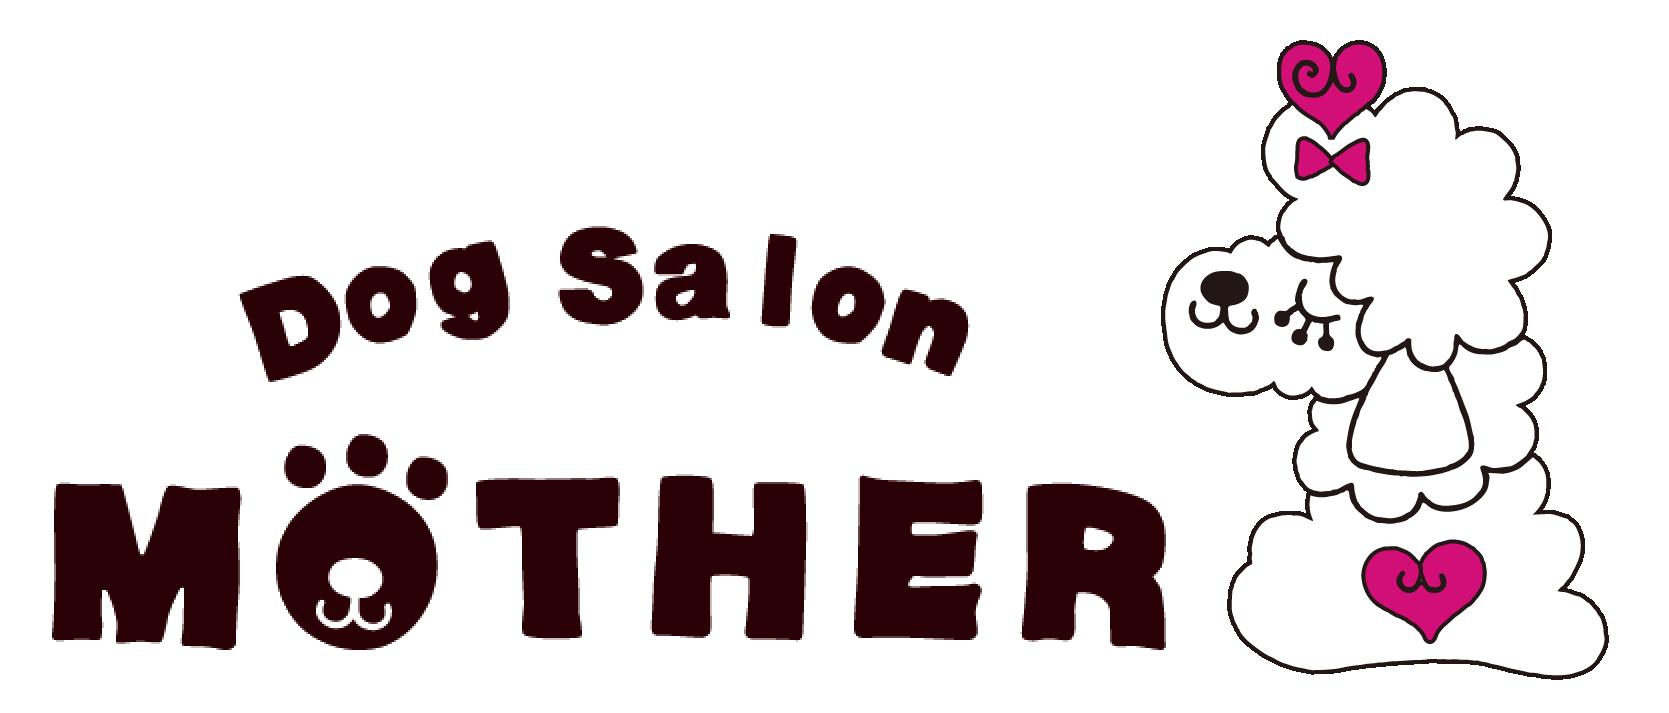 ドッグサロンマザー|関・各務原鵜沼のトリミングサロン